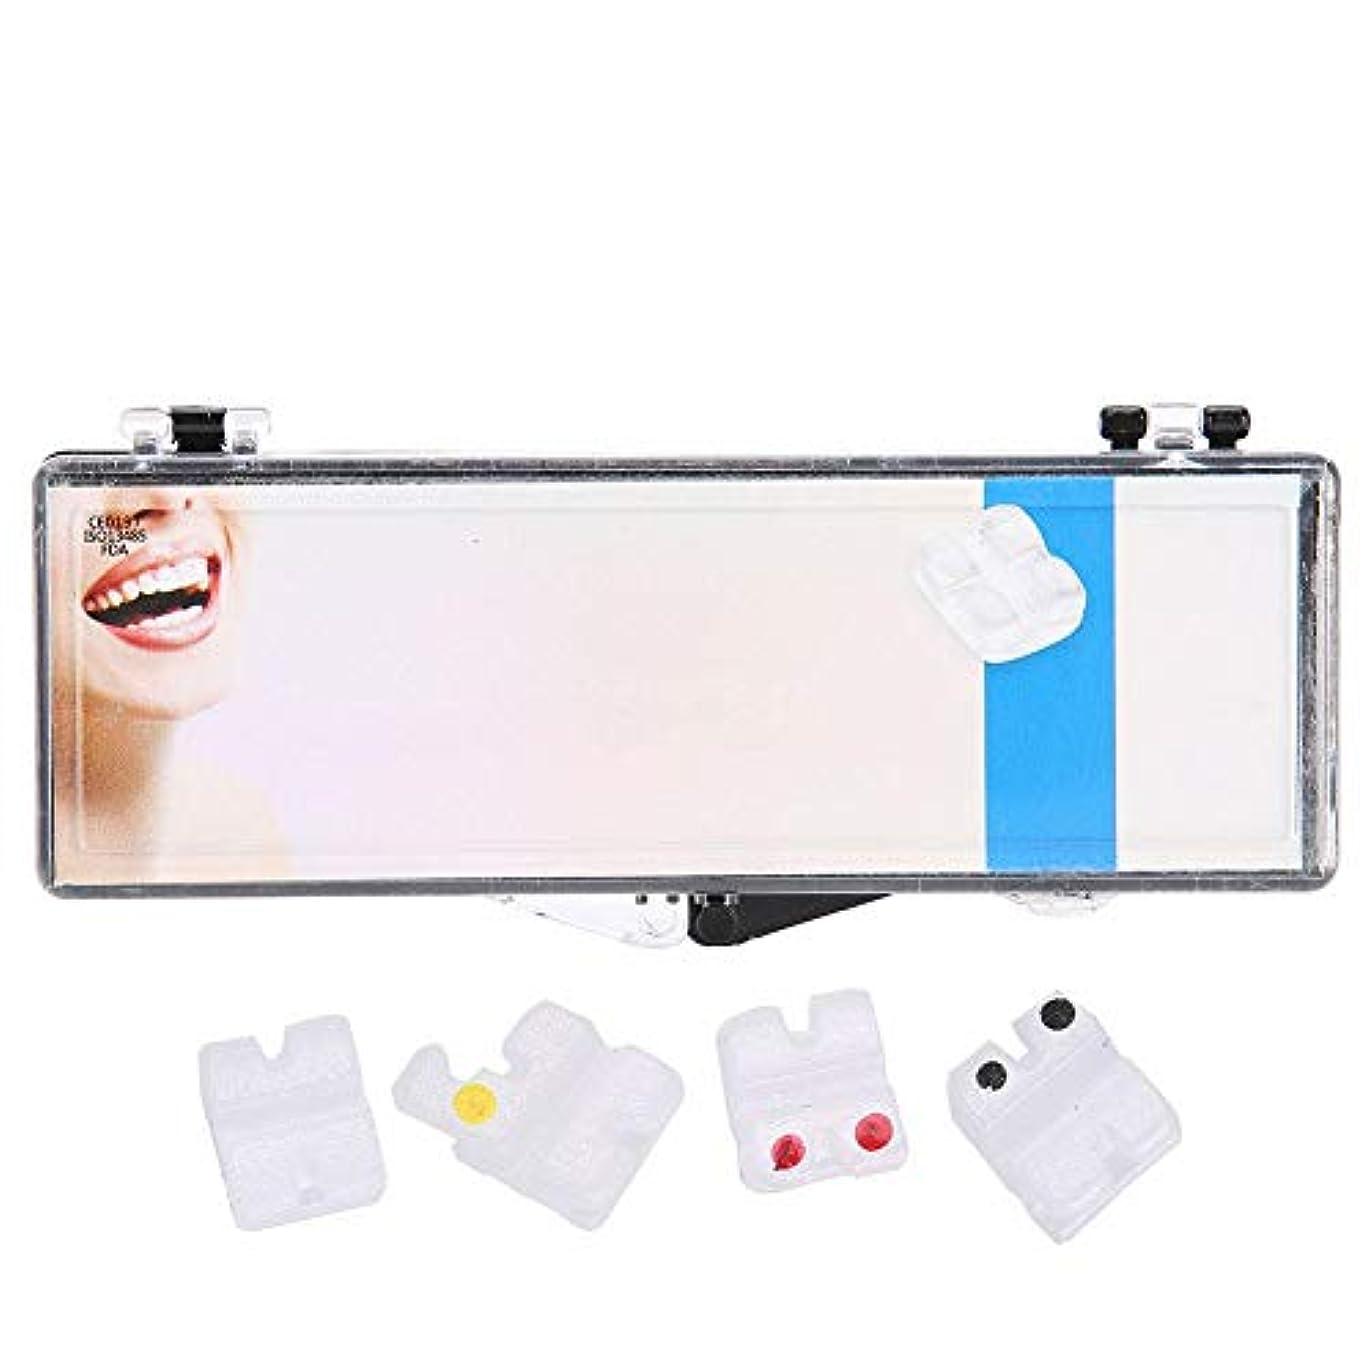 ワイヤー。満たすNitrip セラミックブラケット 歯科矯正ブラケット 歯科矯正装置 歯科矯正用 高品質 安全022MBT 3hooks